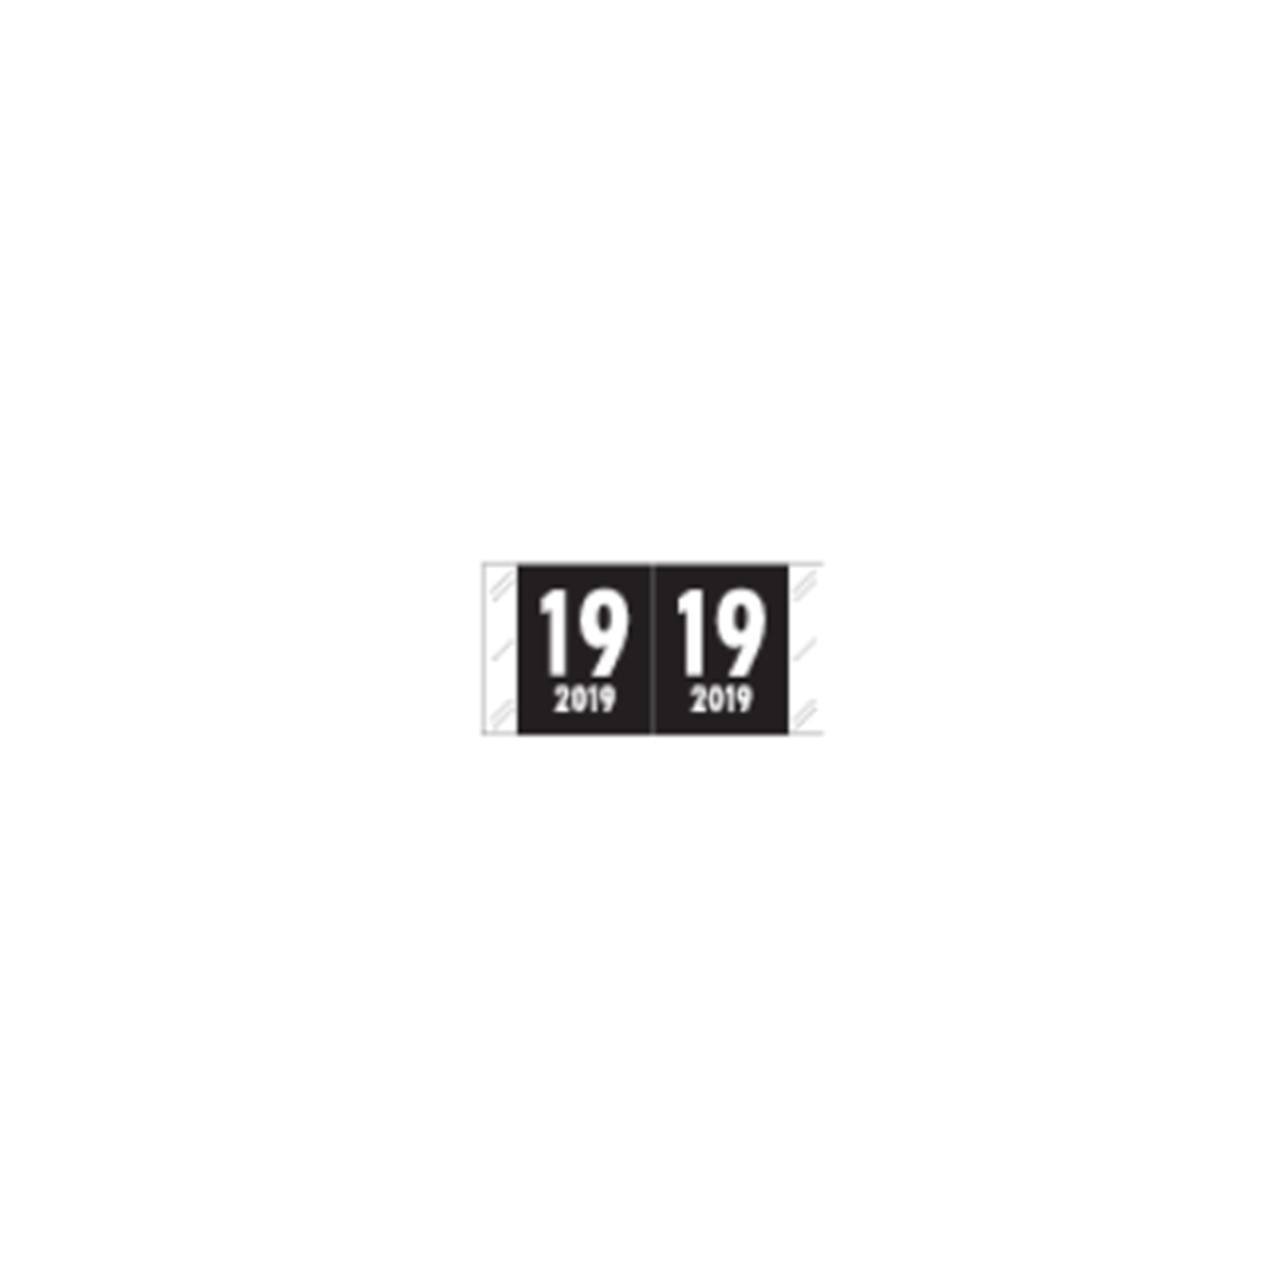 """Col'R'Tab""""2019"""" Year Label 1-1/2"""" W x 3/4 H, 500/Roll"""